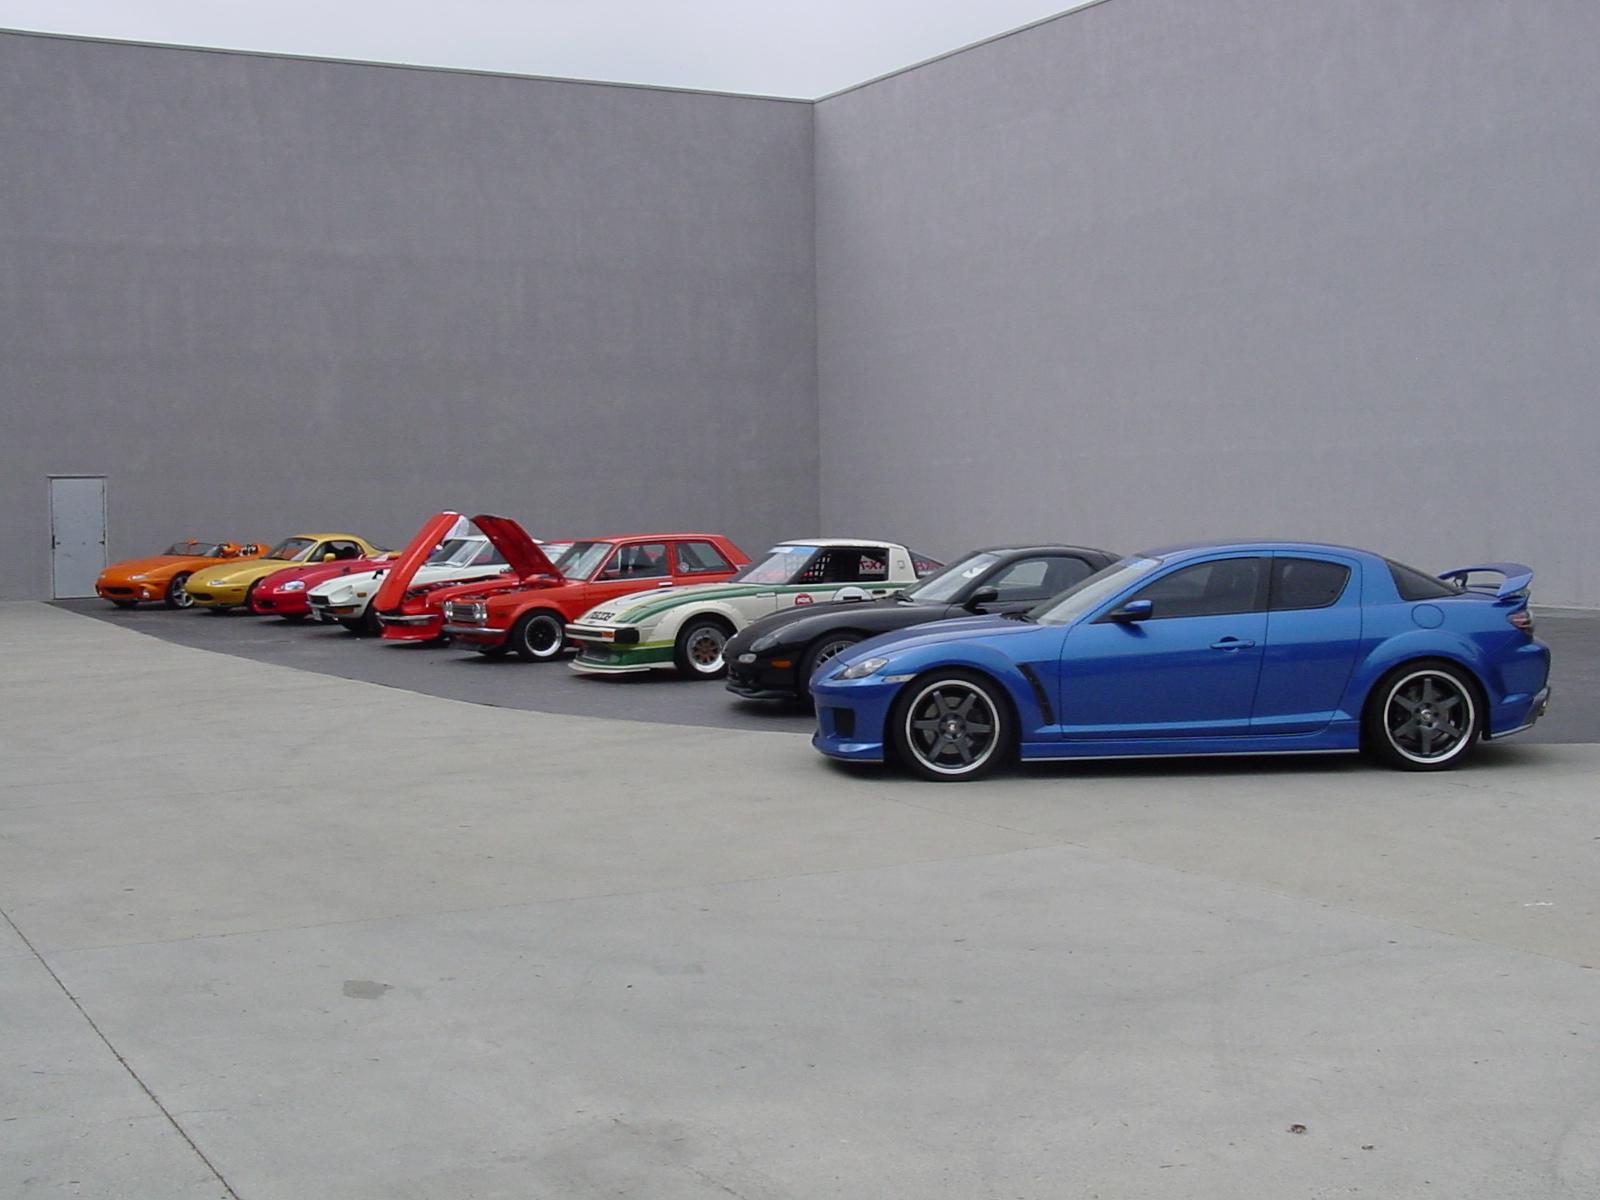 Mazdaspeed Dream Garage!